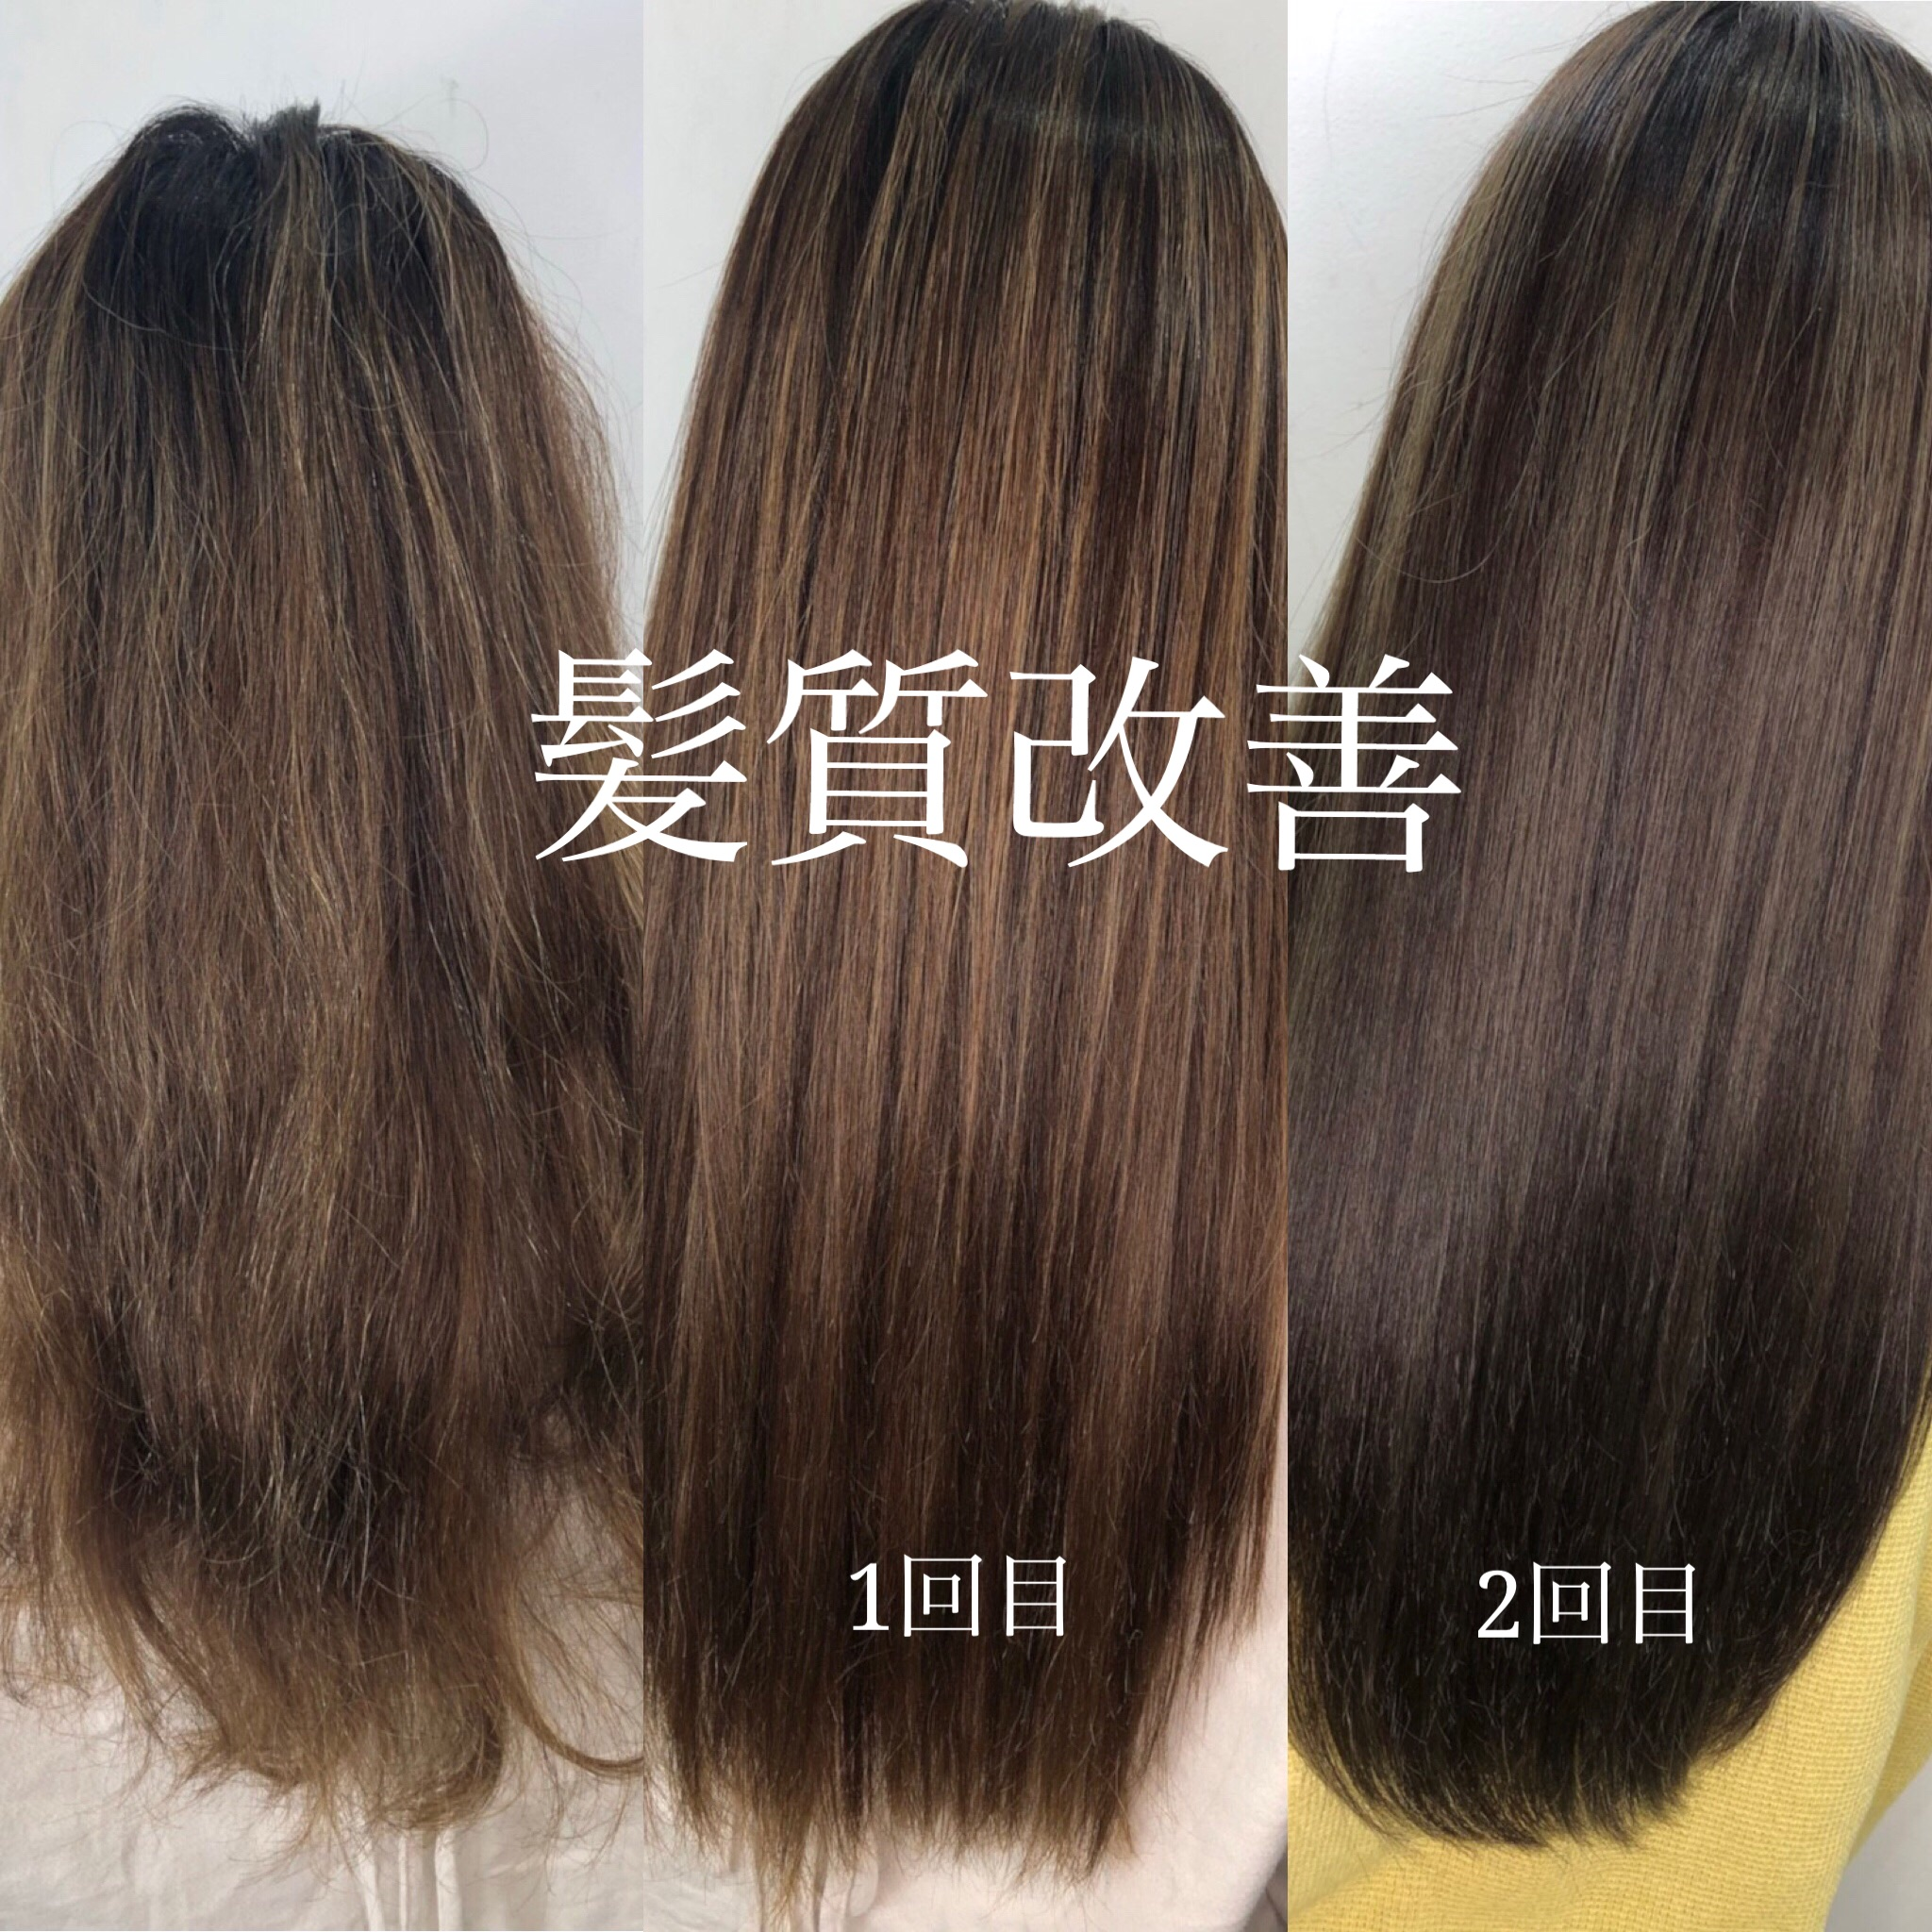 悩みに合わせた髪質改善メニュー